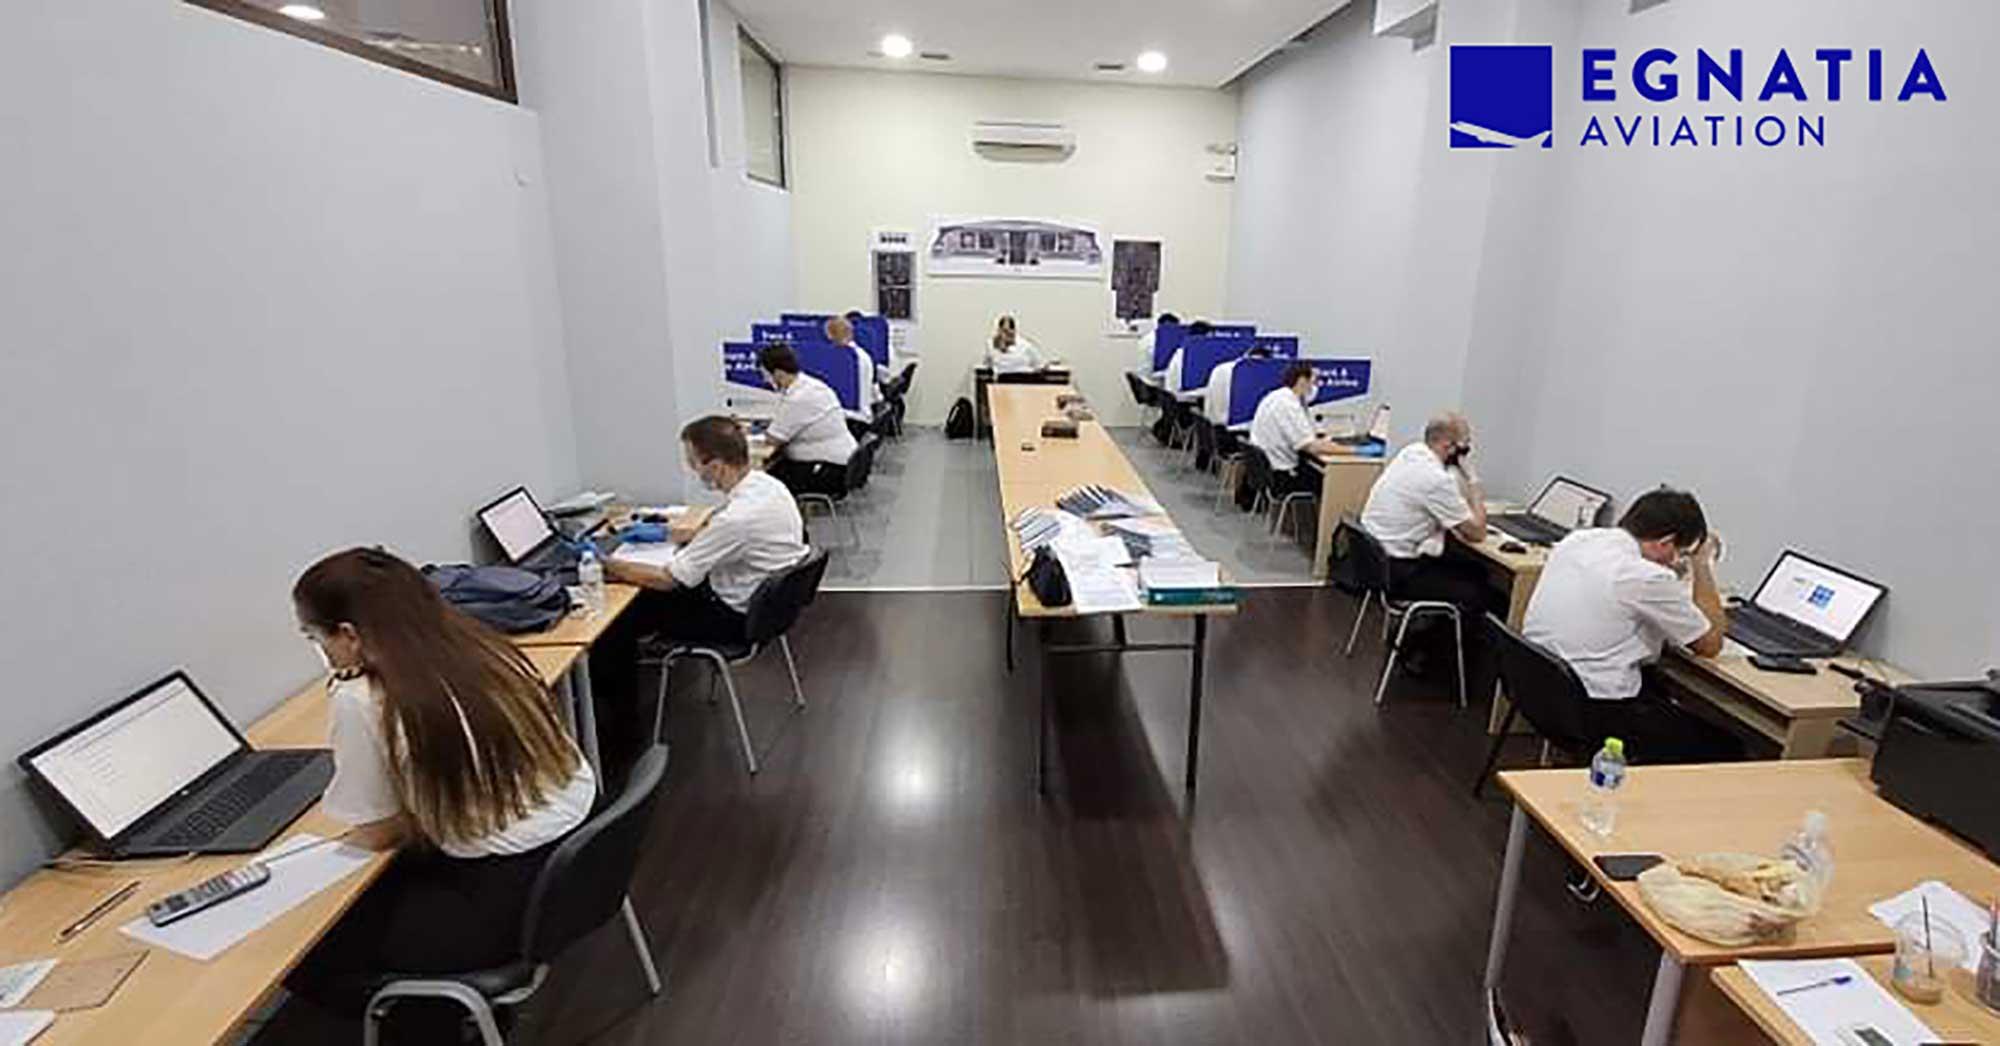 Egnatia exam centre